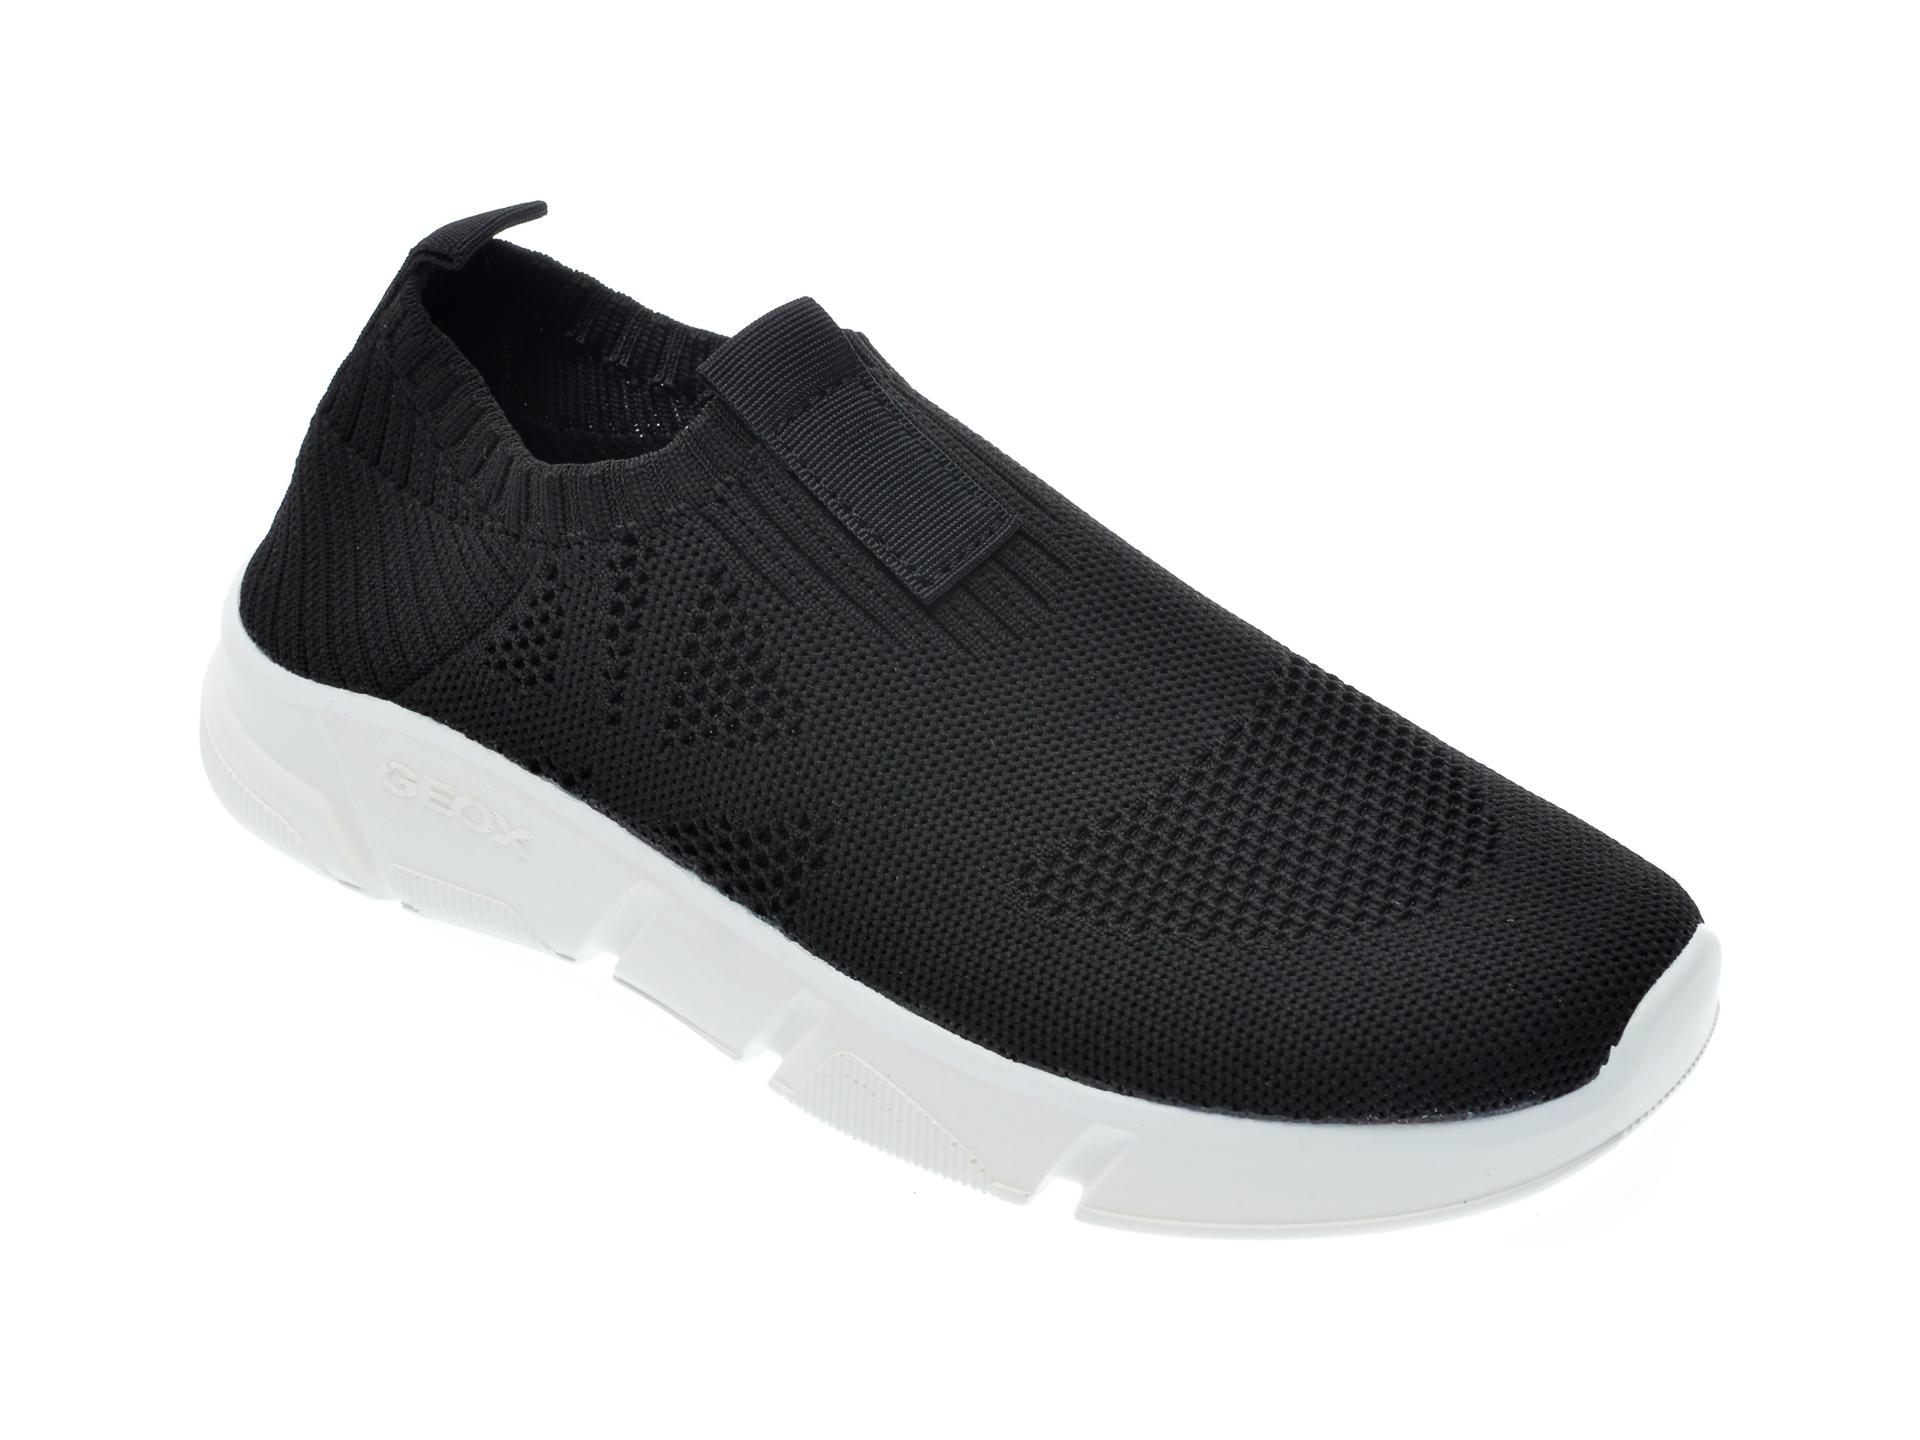 Pantofi sport GEOX negri, J02DMA, din material textil